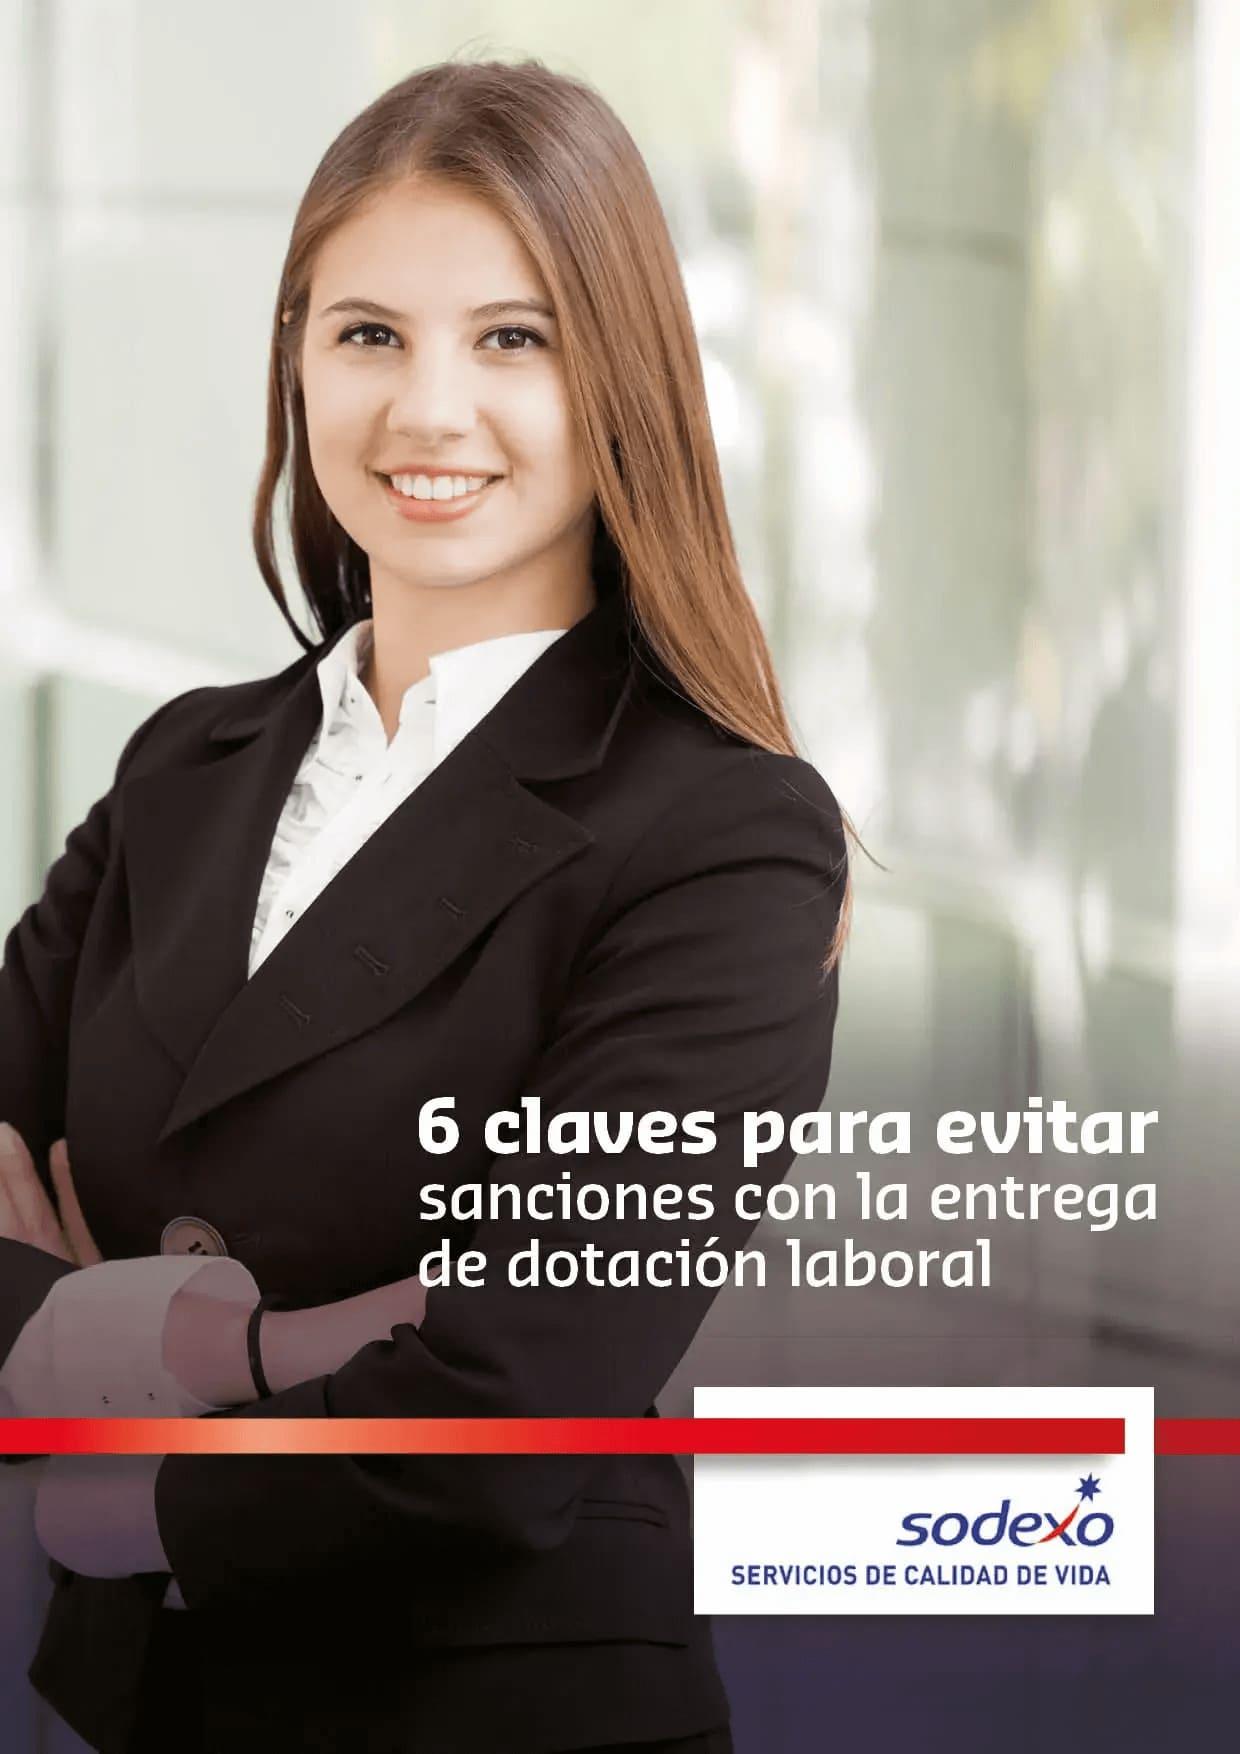 6 claves para evitar sanciones con la entrega de dotación laboral